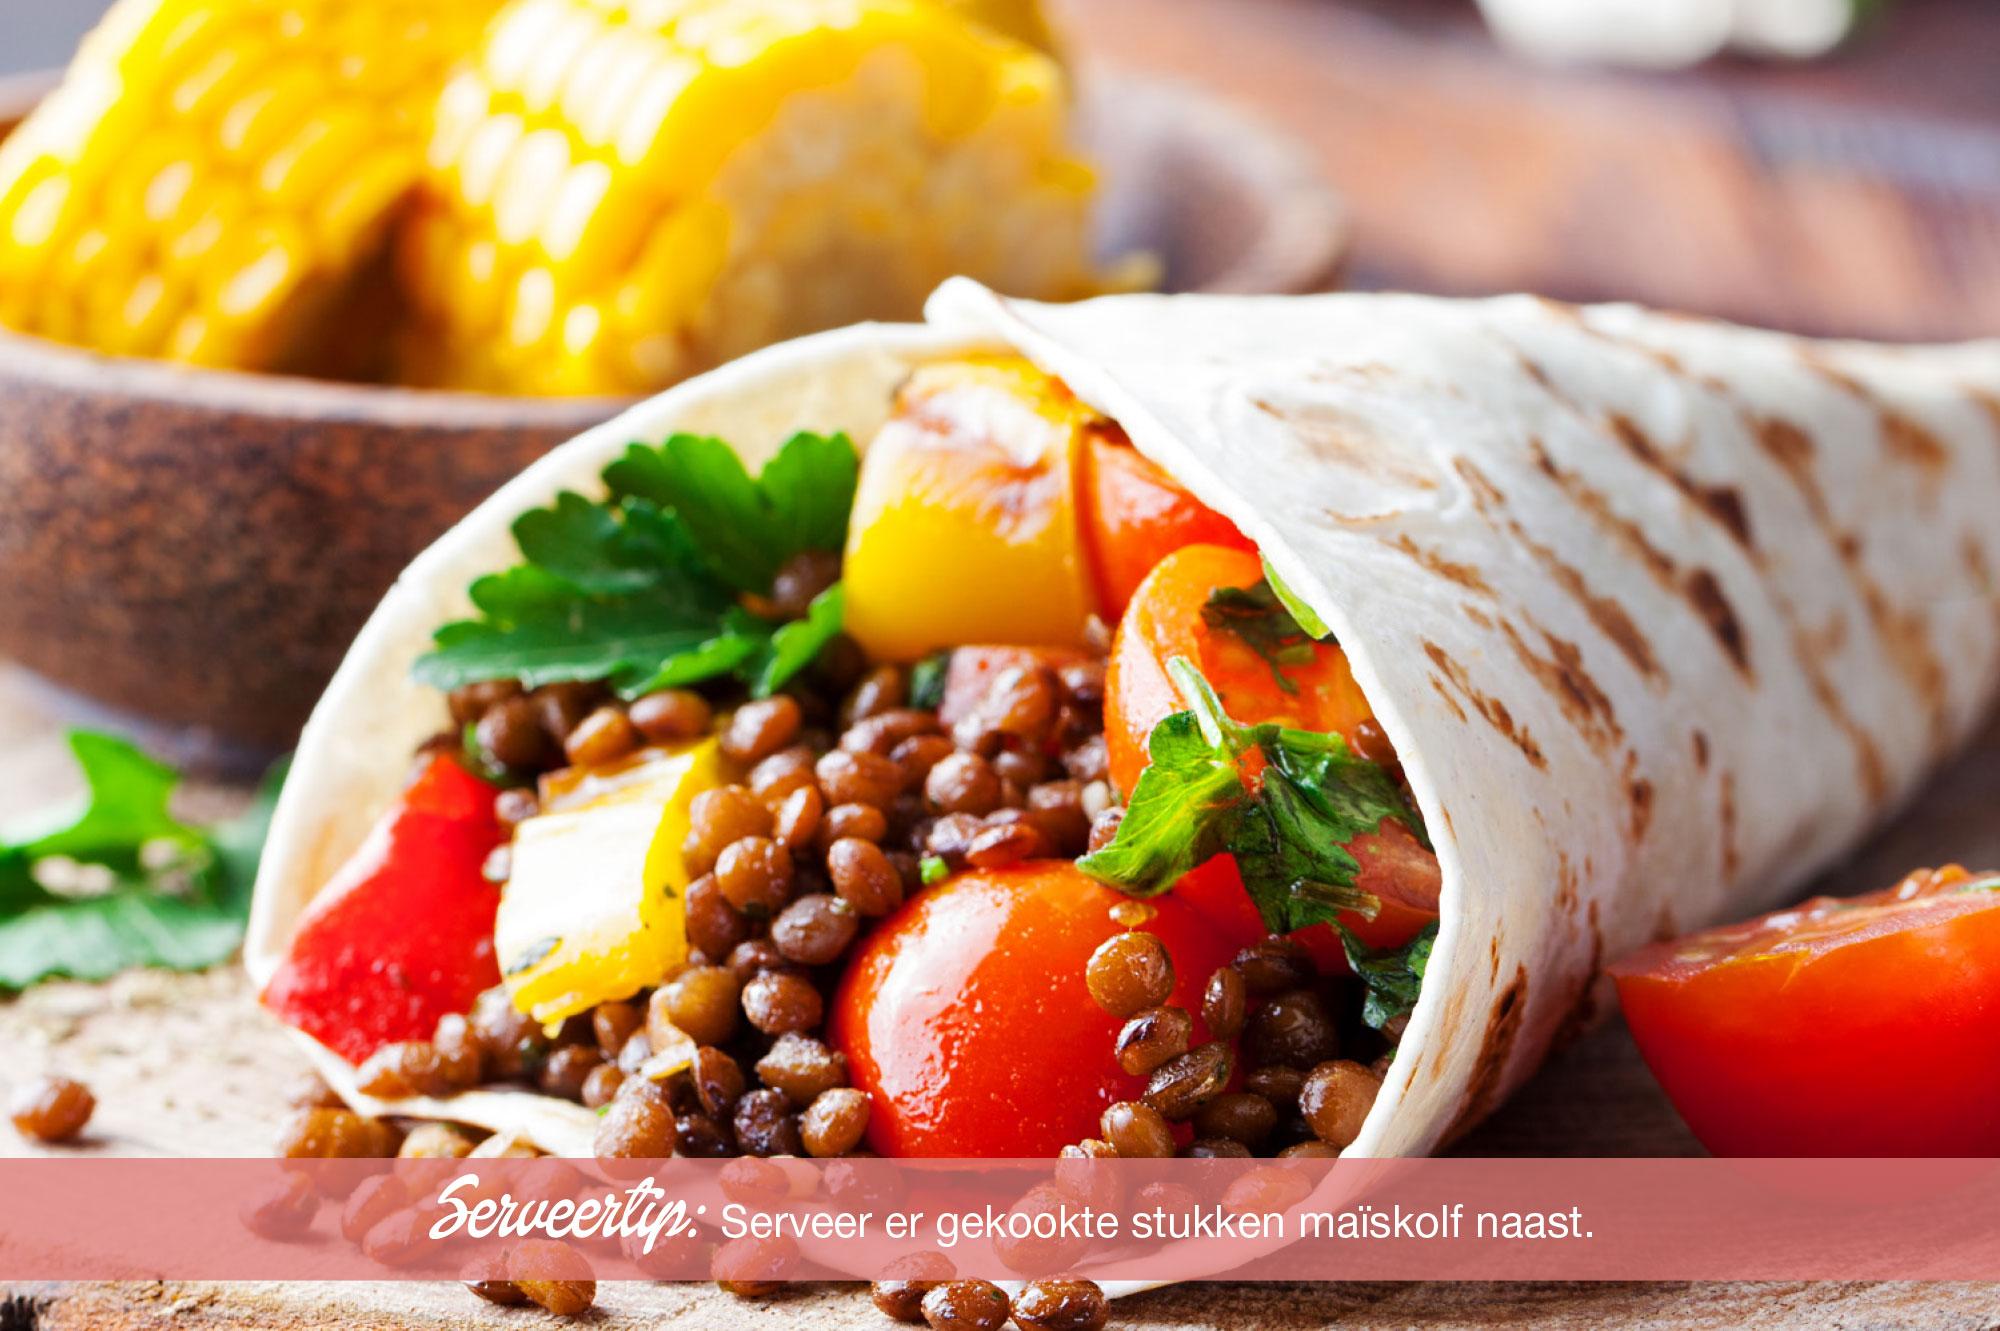 Recept tortilla met linzen paprika tomaat en koriander | Bedrijfscatering | De Groene Artisanen